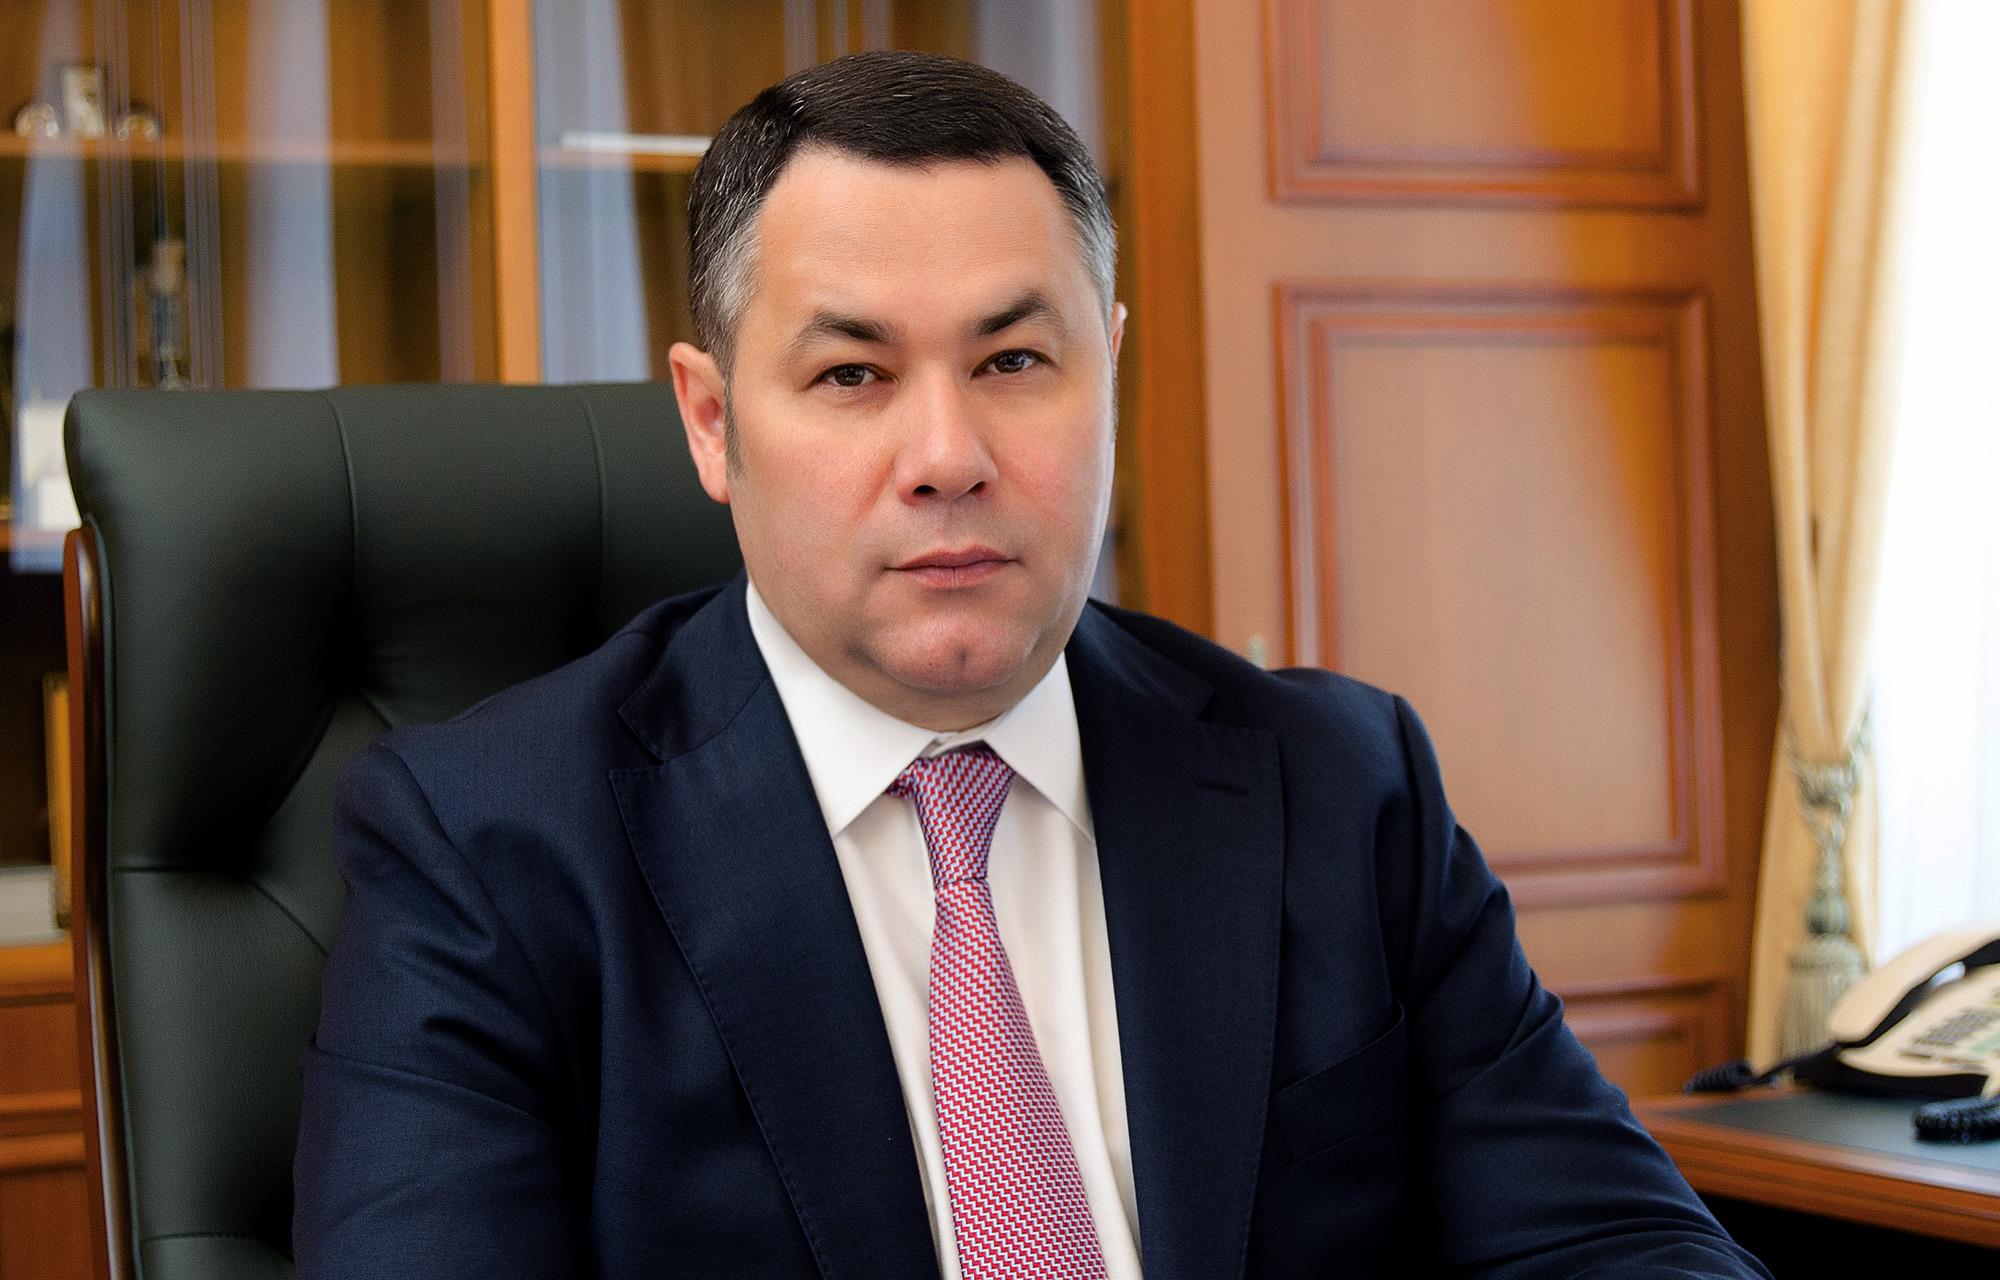 Игорь Руденя занял место в «тройке» лидеров медиарейтинга глав регионов ЦФО за июль